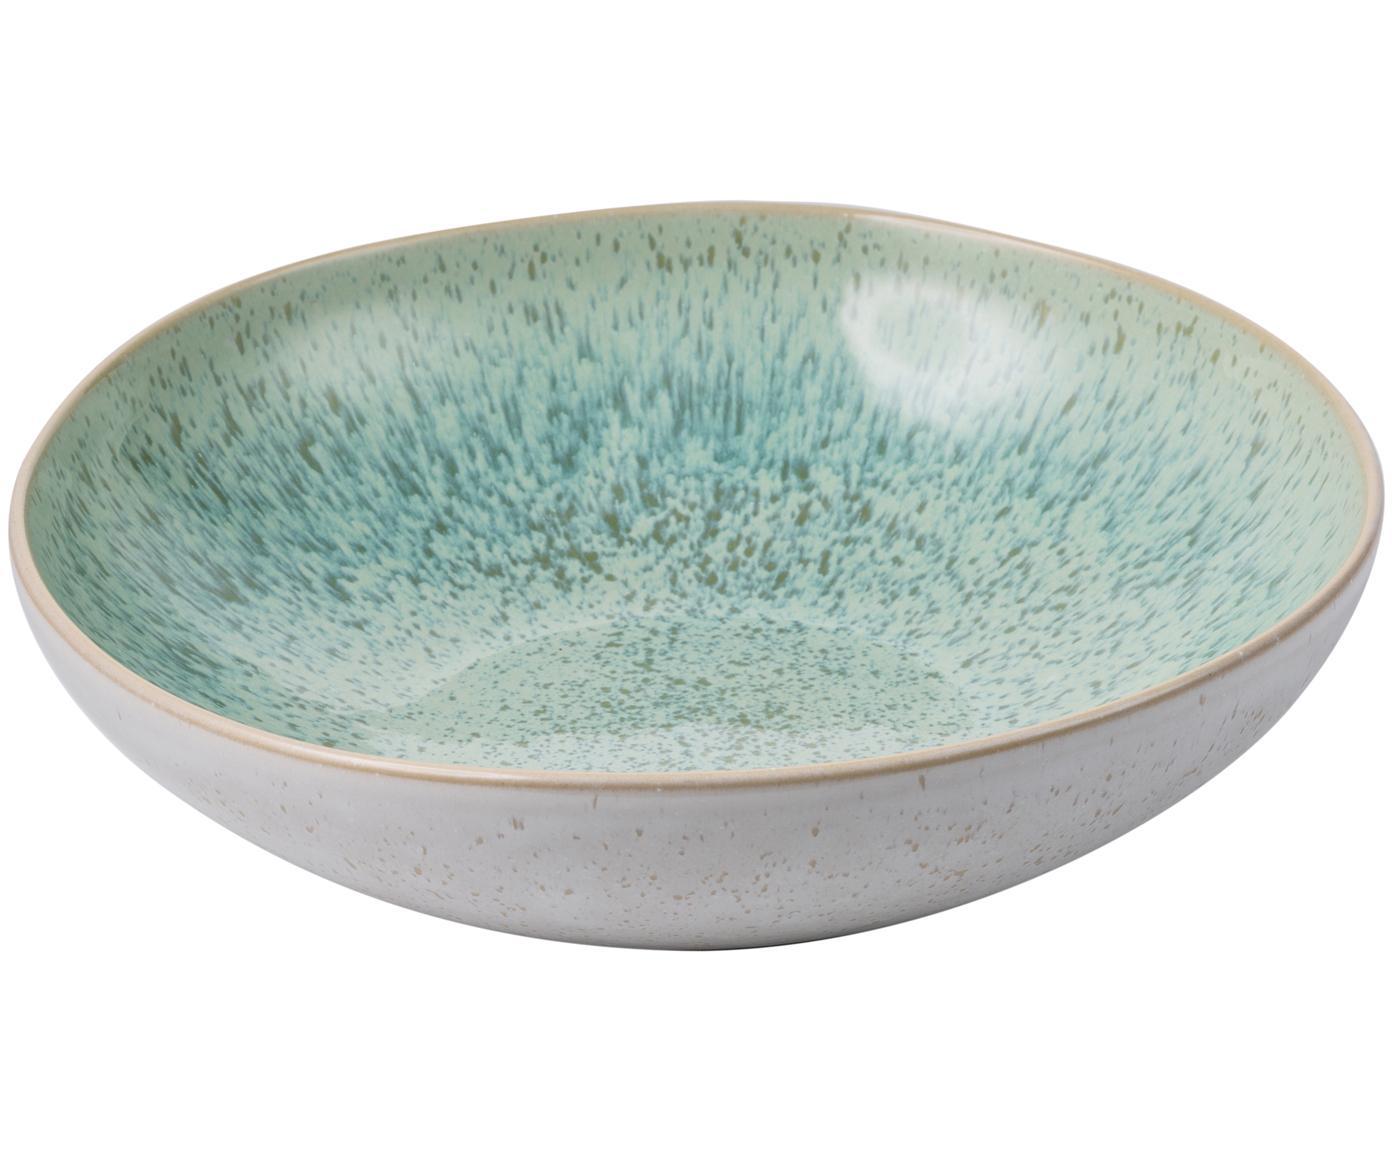 Handbemalte Schale Areia, Steingut, Mint, Gebrochenes Weiss, Beige, Ø 22 x H 5 cm